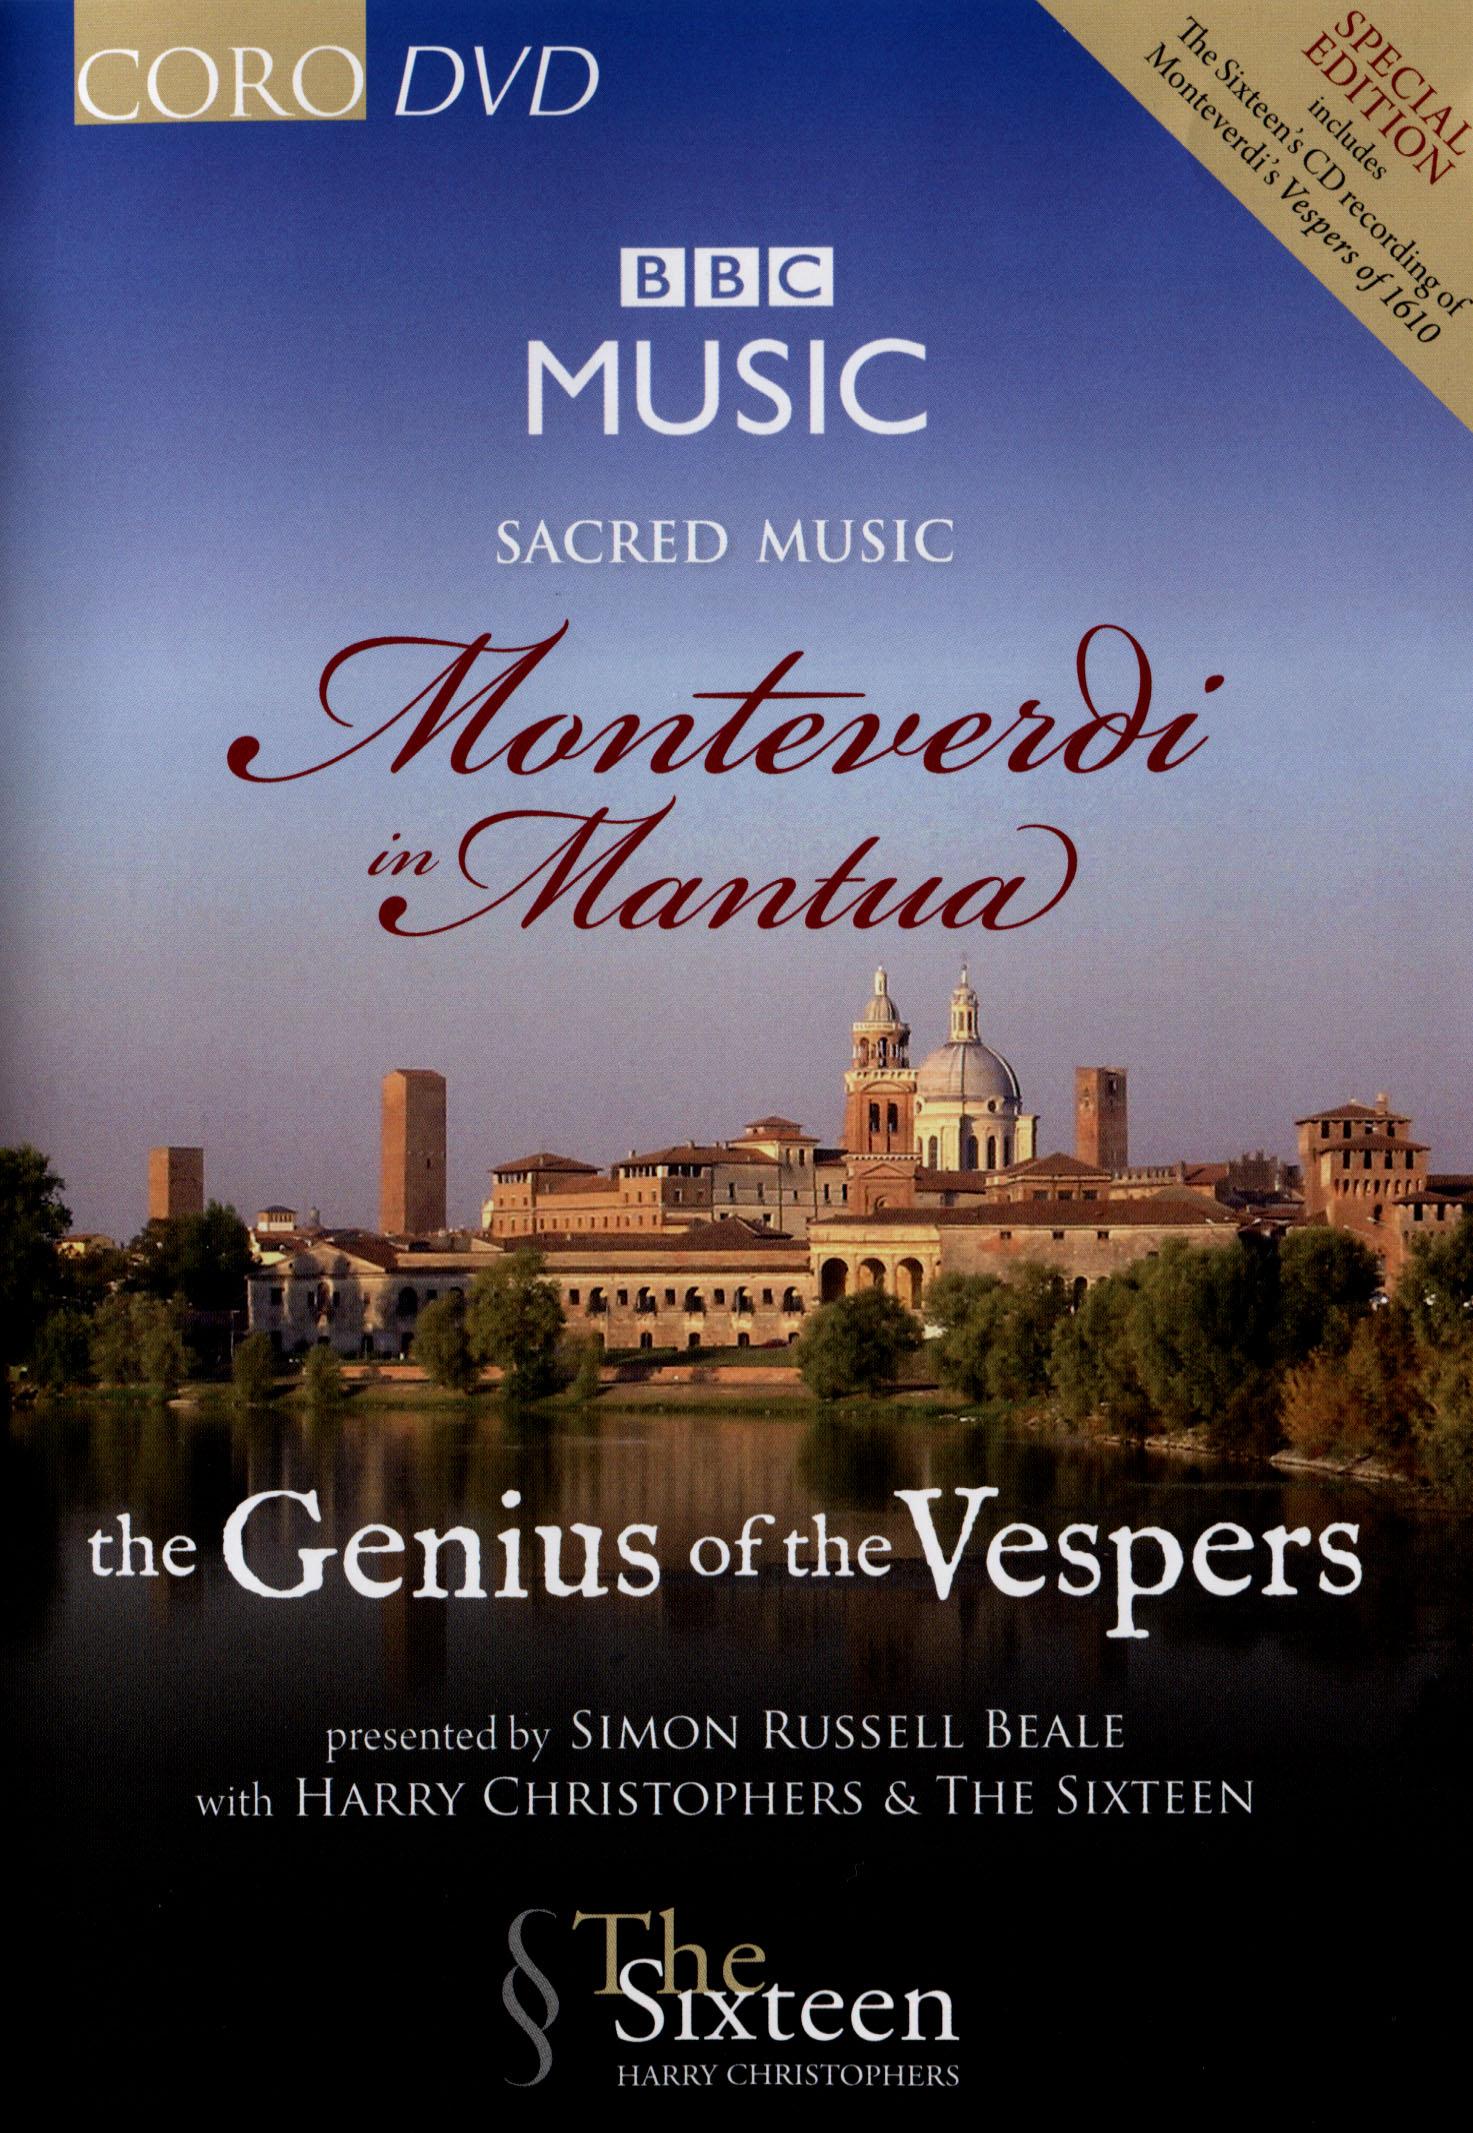 Sacred Music: Monteverdi in Mantua - The Genius of the Vespers